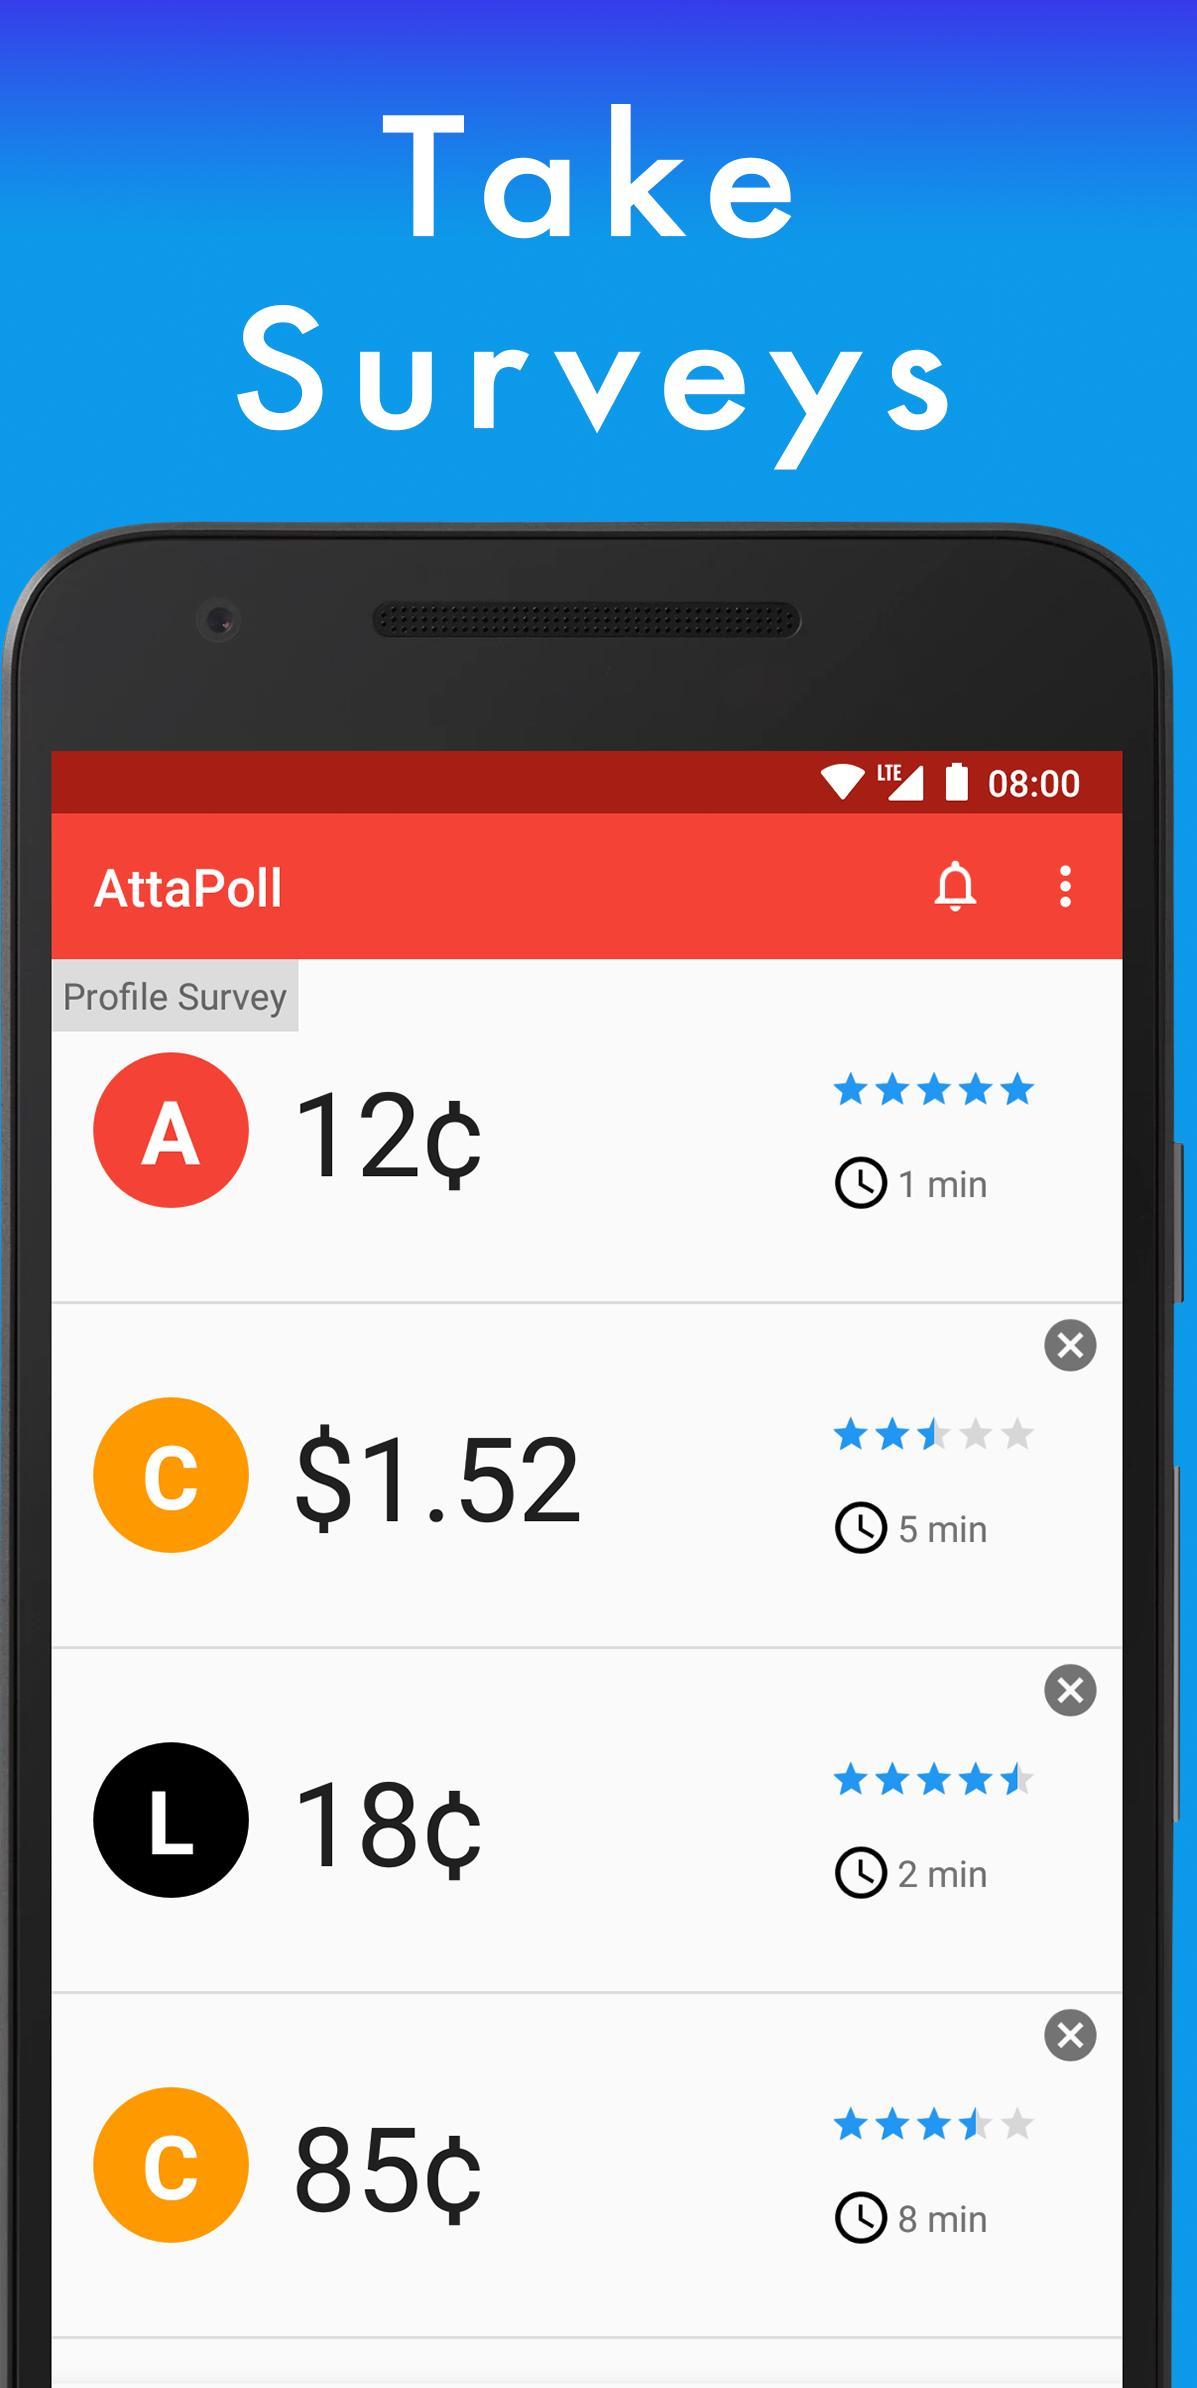 Mahasiswa Wajib Tahu, 7 Aplikasi Survei untuk Tambah Uang 7